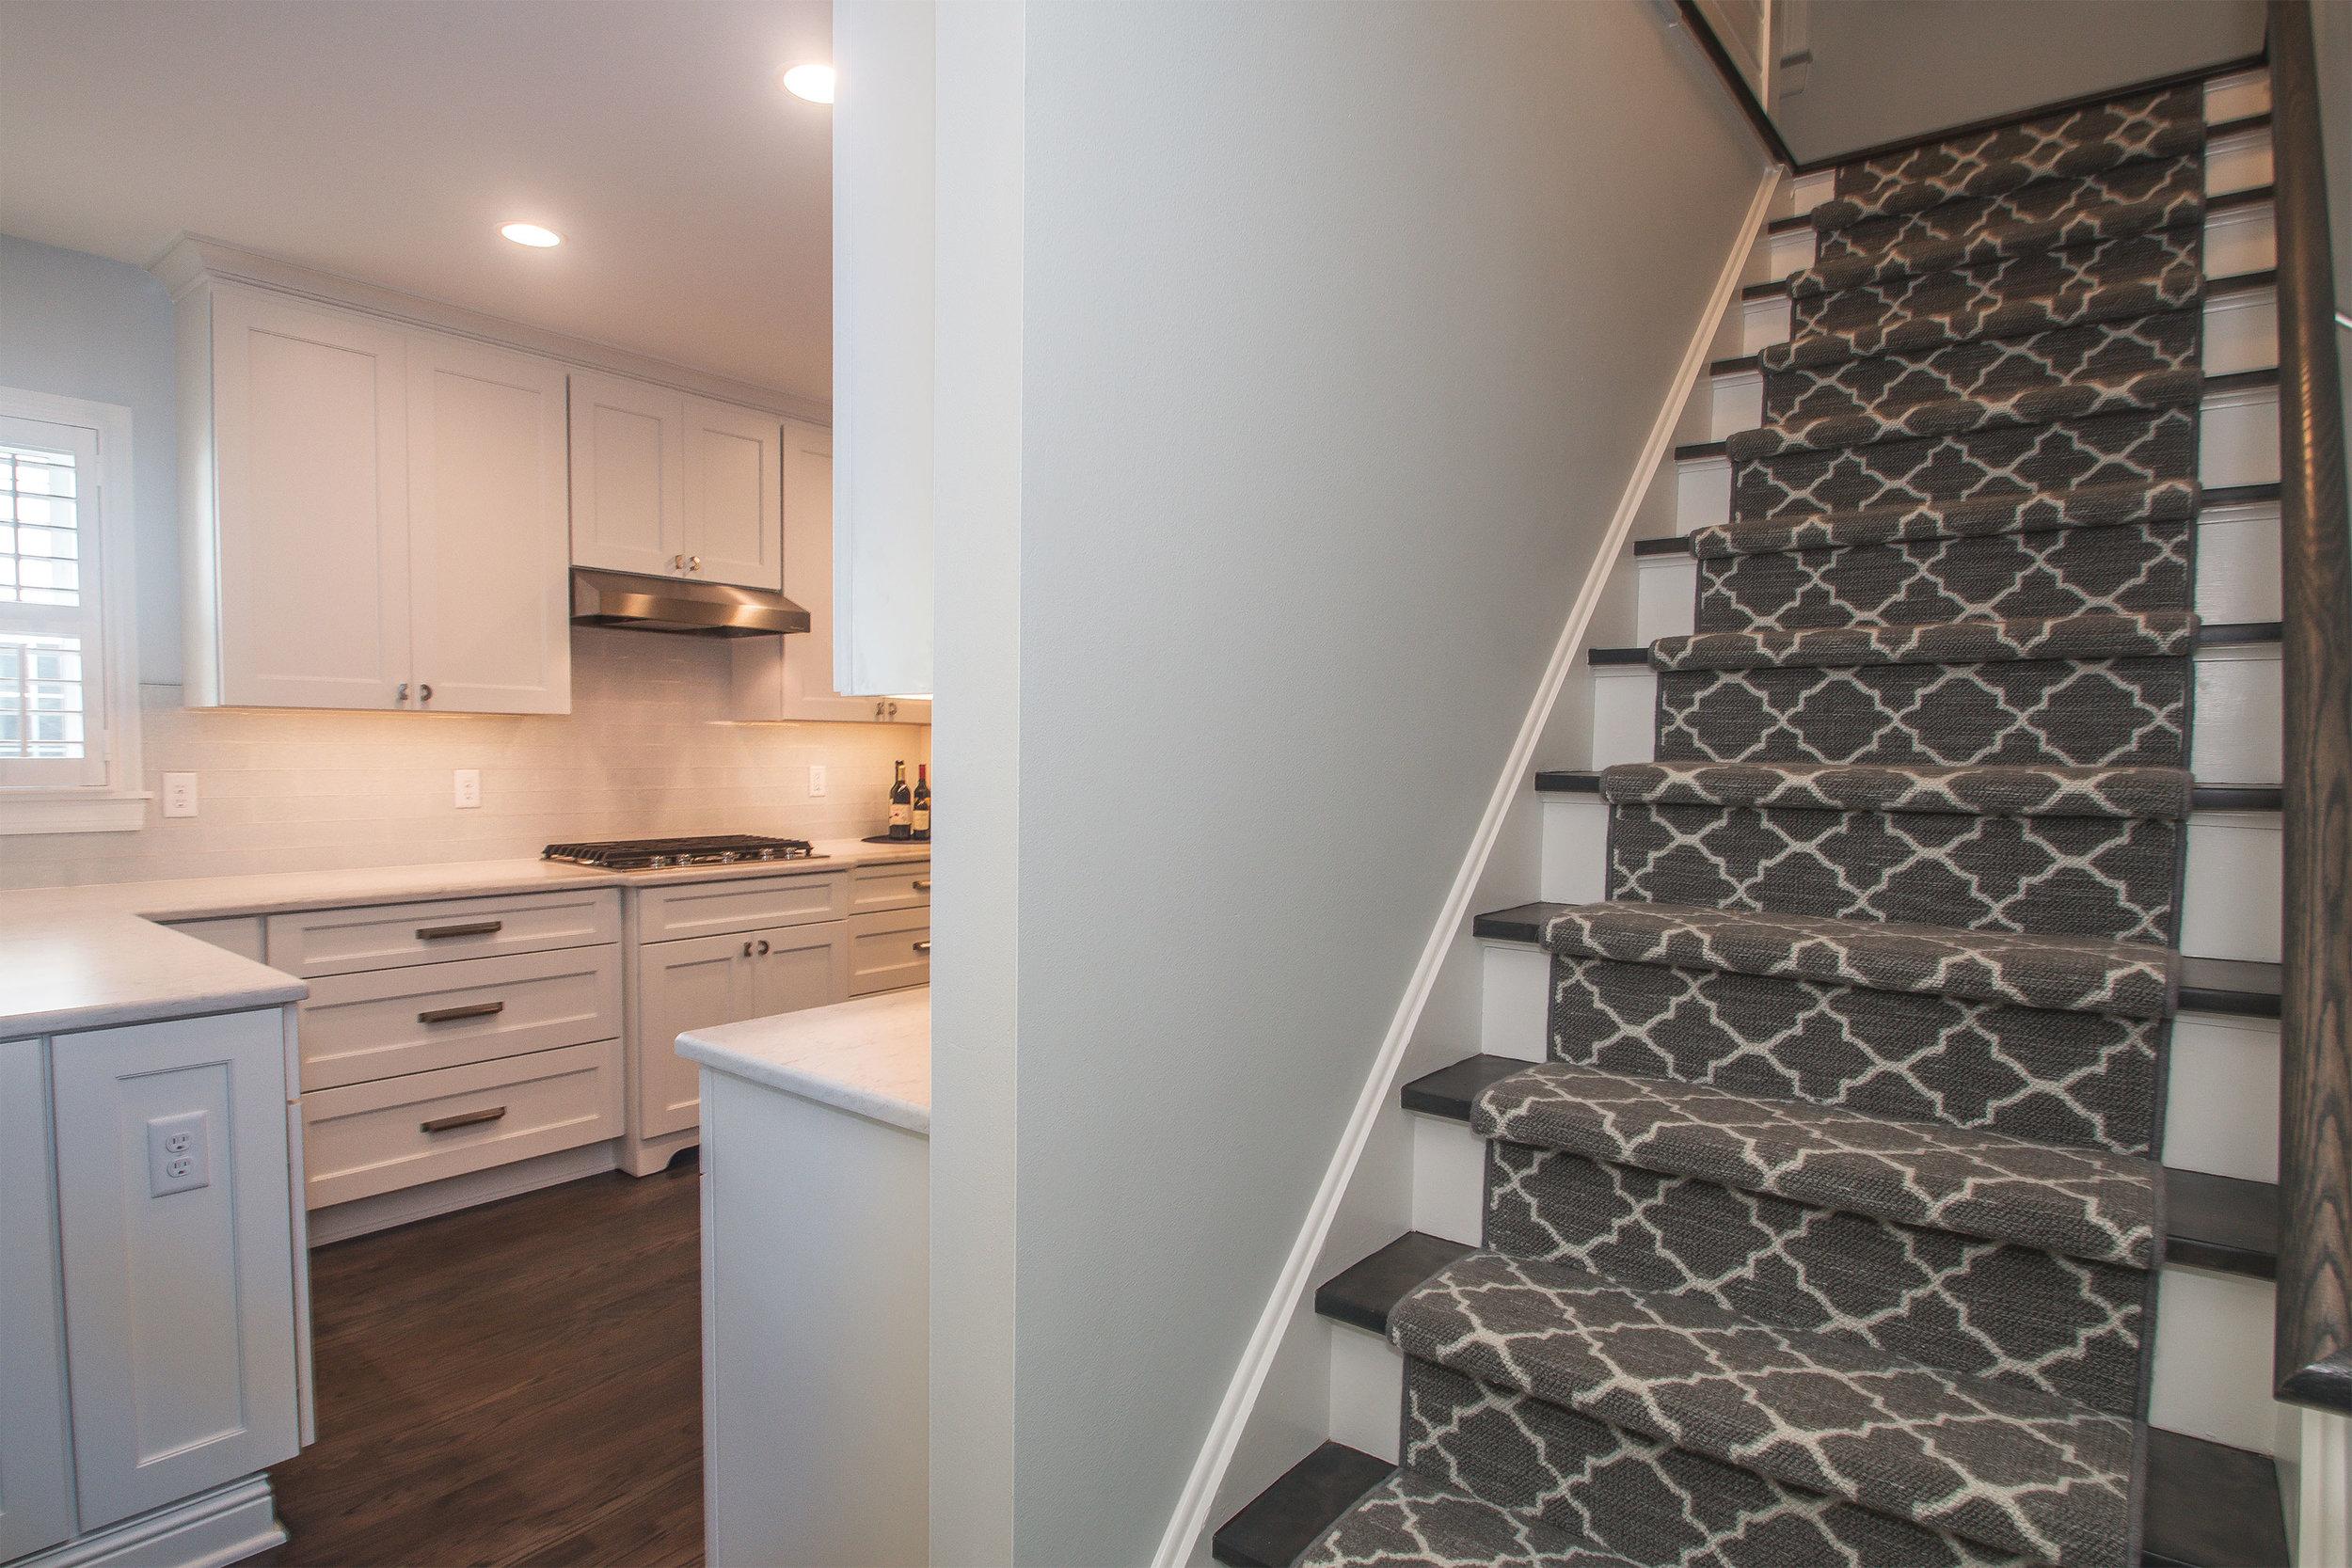 JZID-SheffieldAve-Kitchen-from-Stairs.jpg